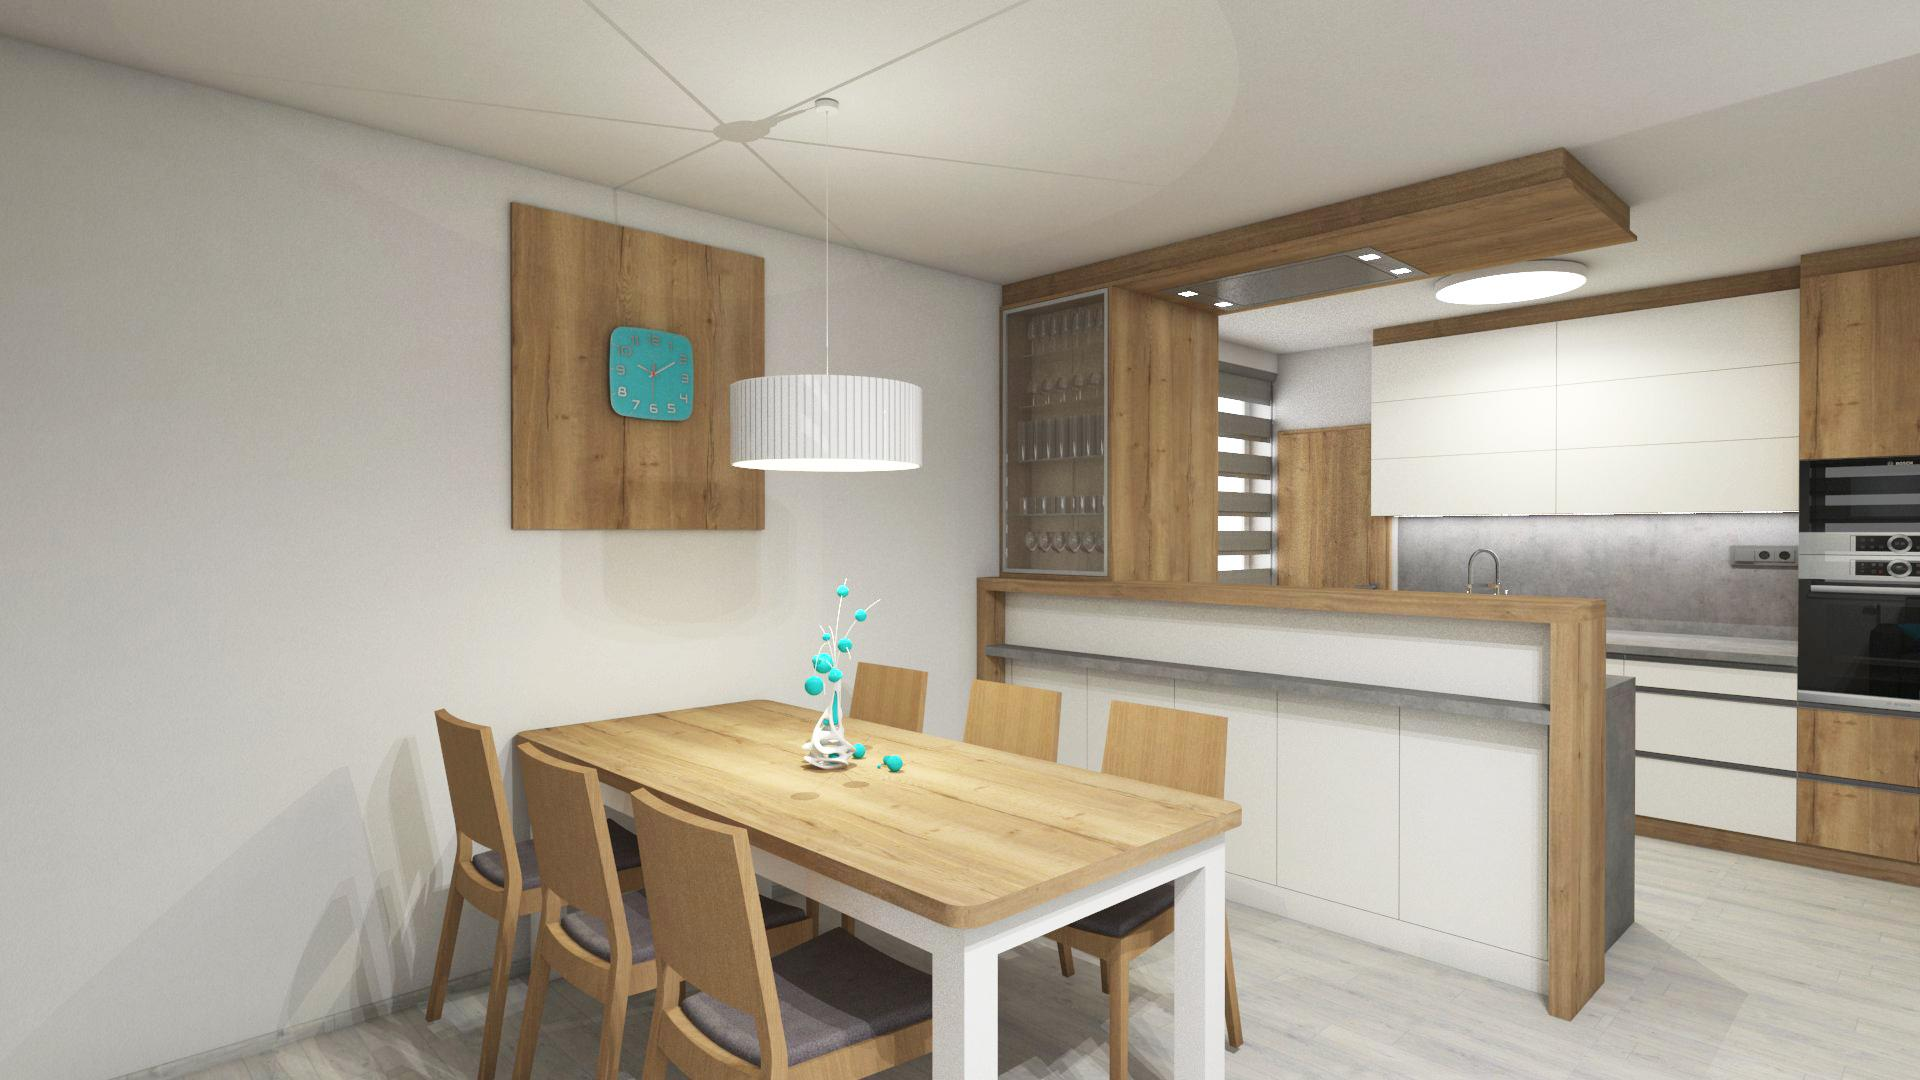 Kuchyně - I v malém prostoru se dá vymyslet komfortní řešení kuchyně, tak aby vyhovovala přání klienta. Opět populární bílá ve vysokém lesku s dubem Halifax přírodním.